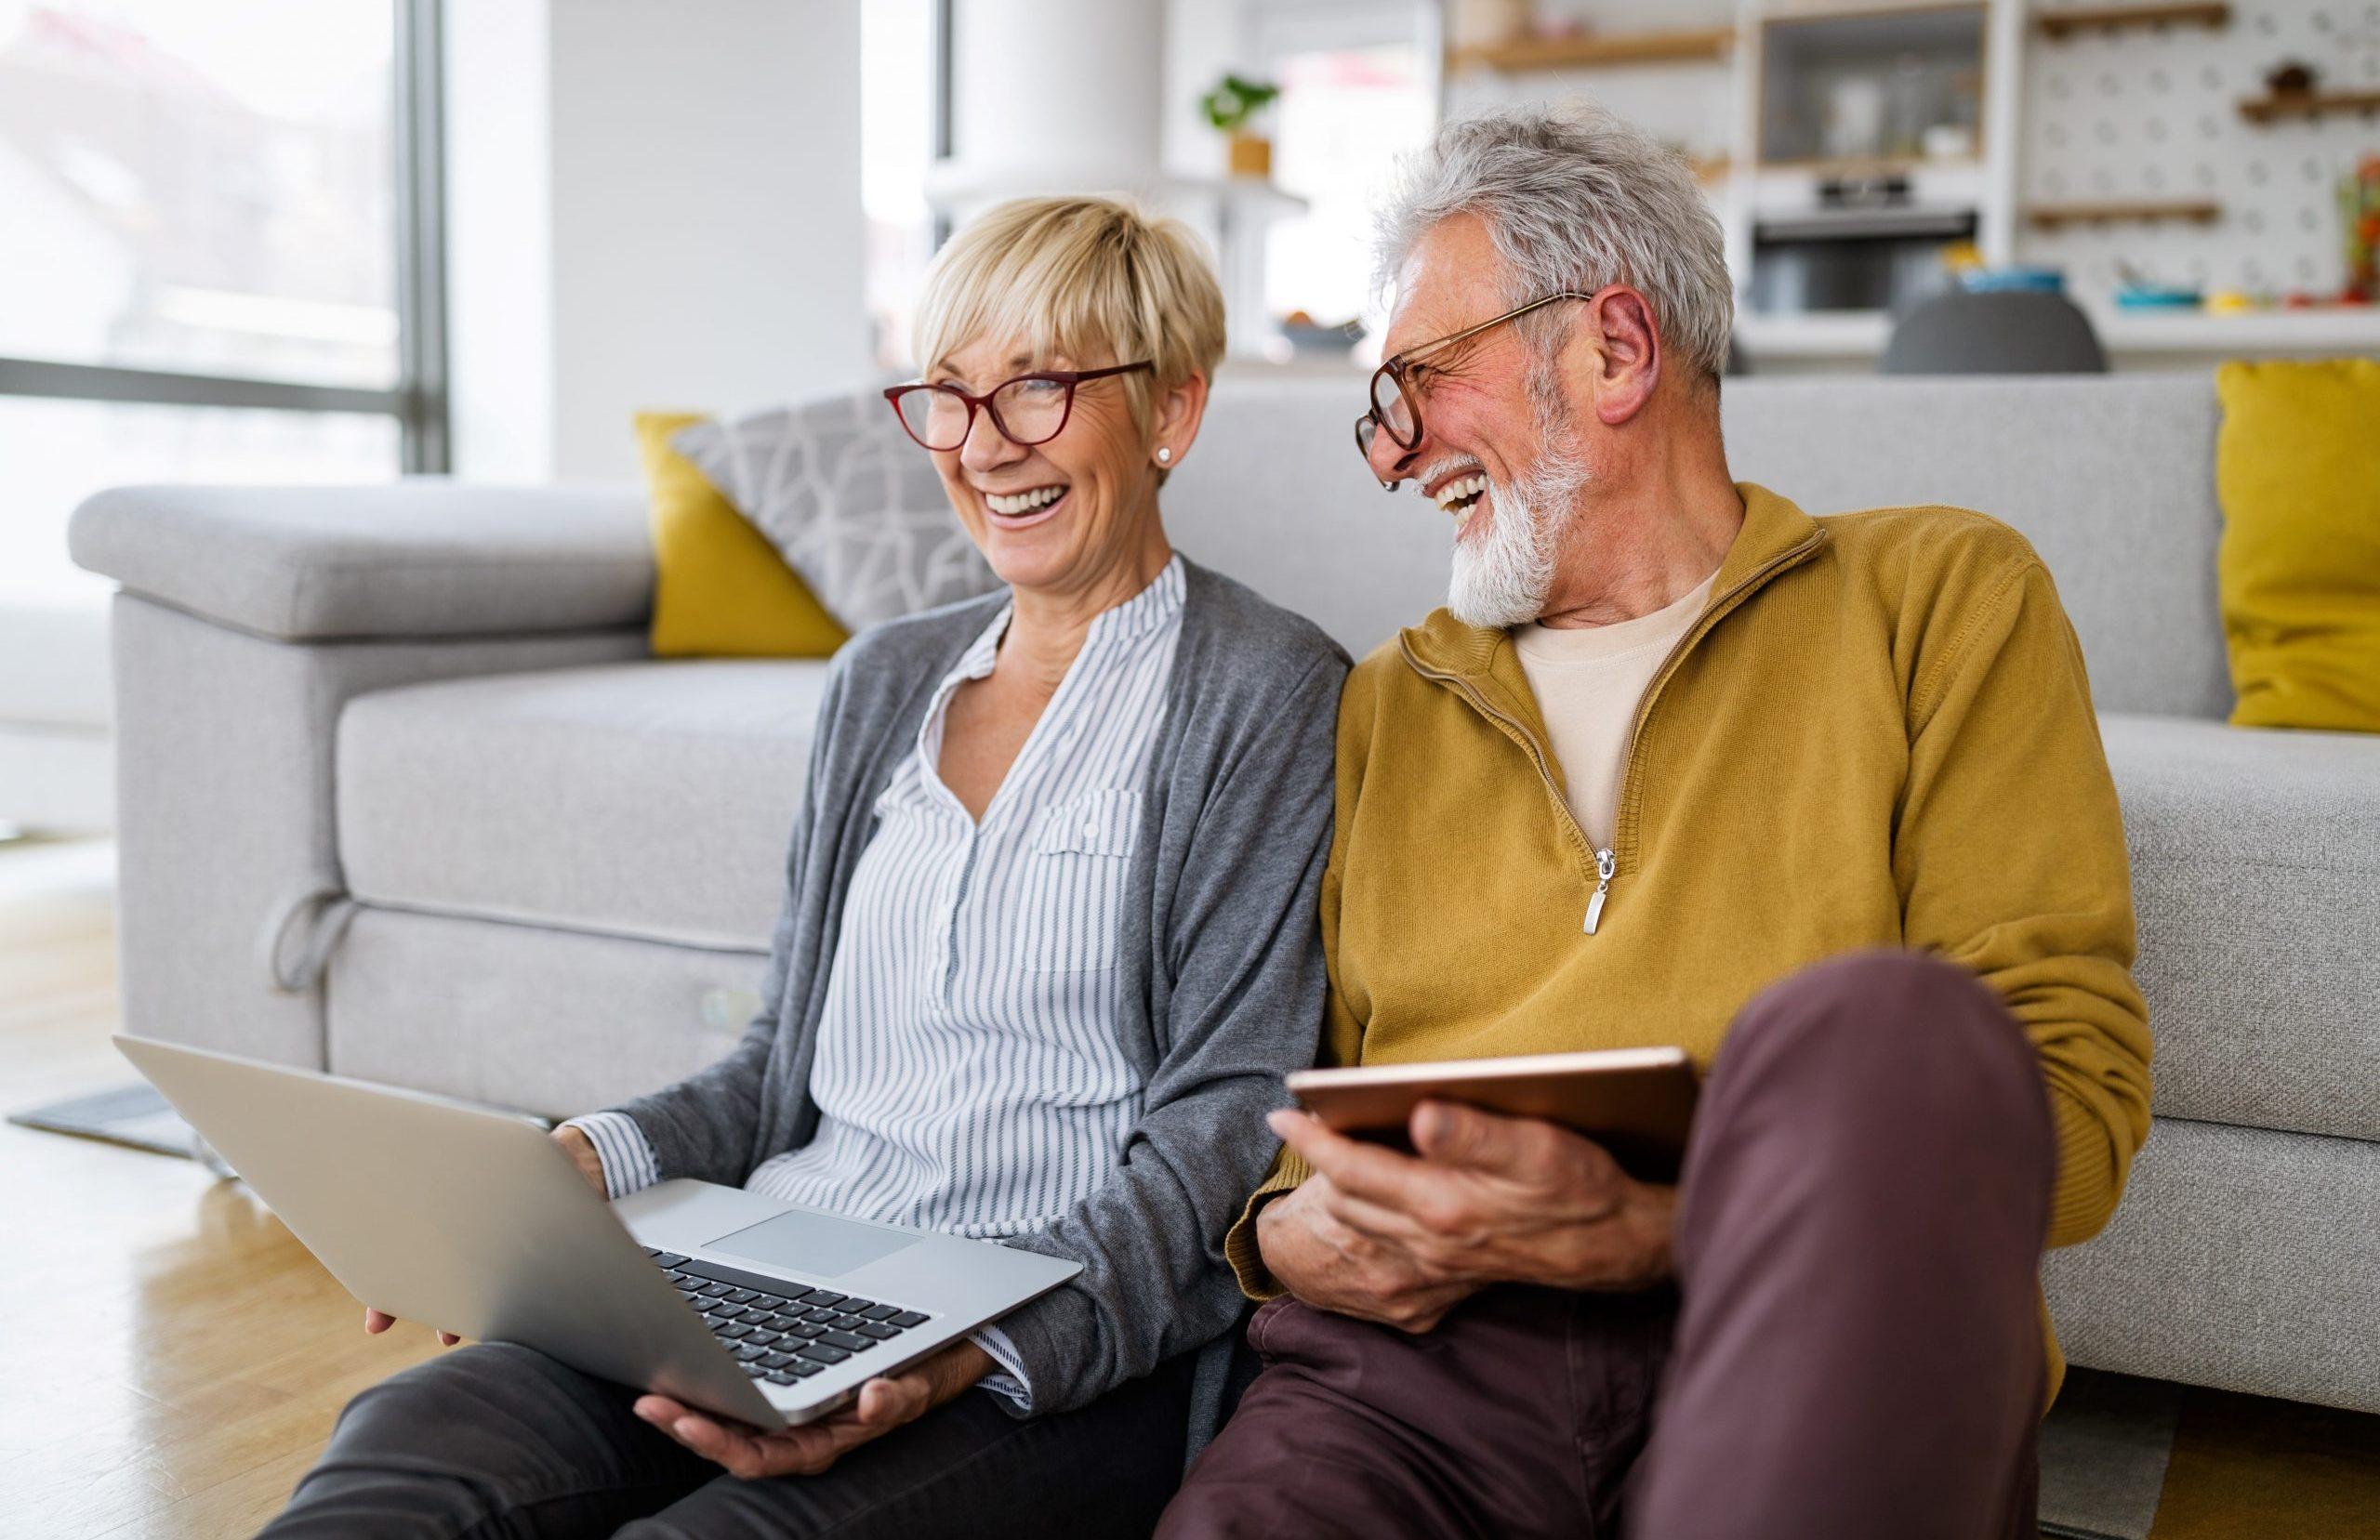 Hypothekendarlehen – Kann man sich damit auch im Alter Wohnträume erfüllen?